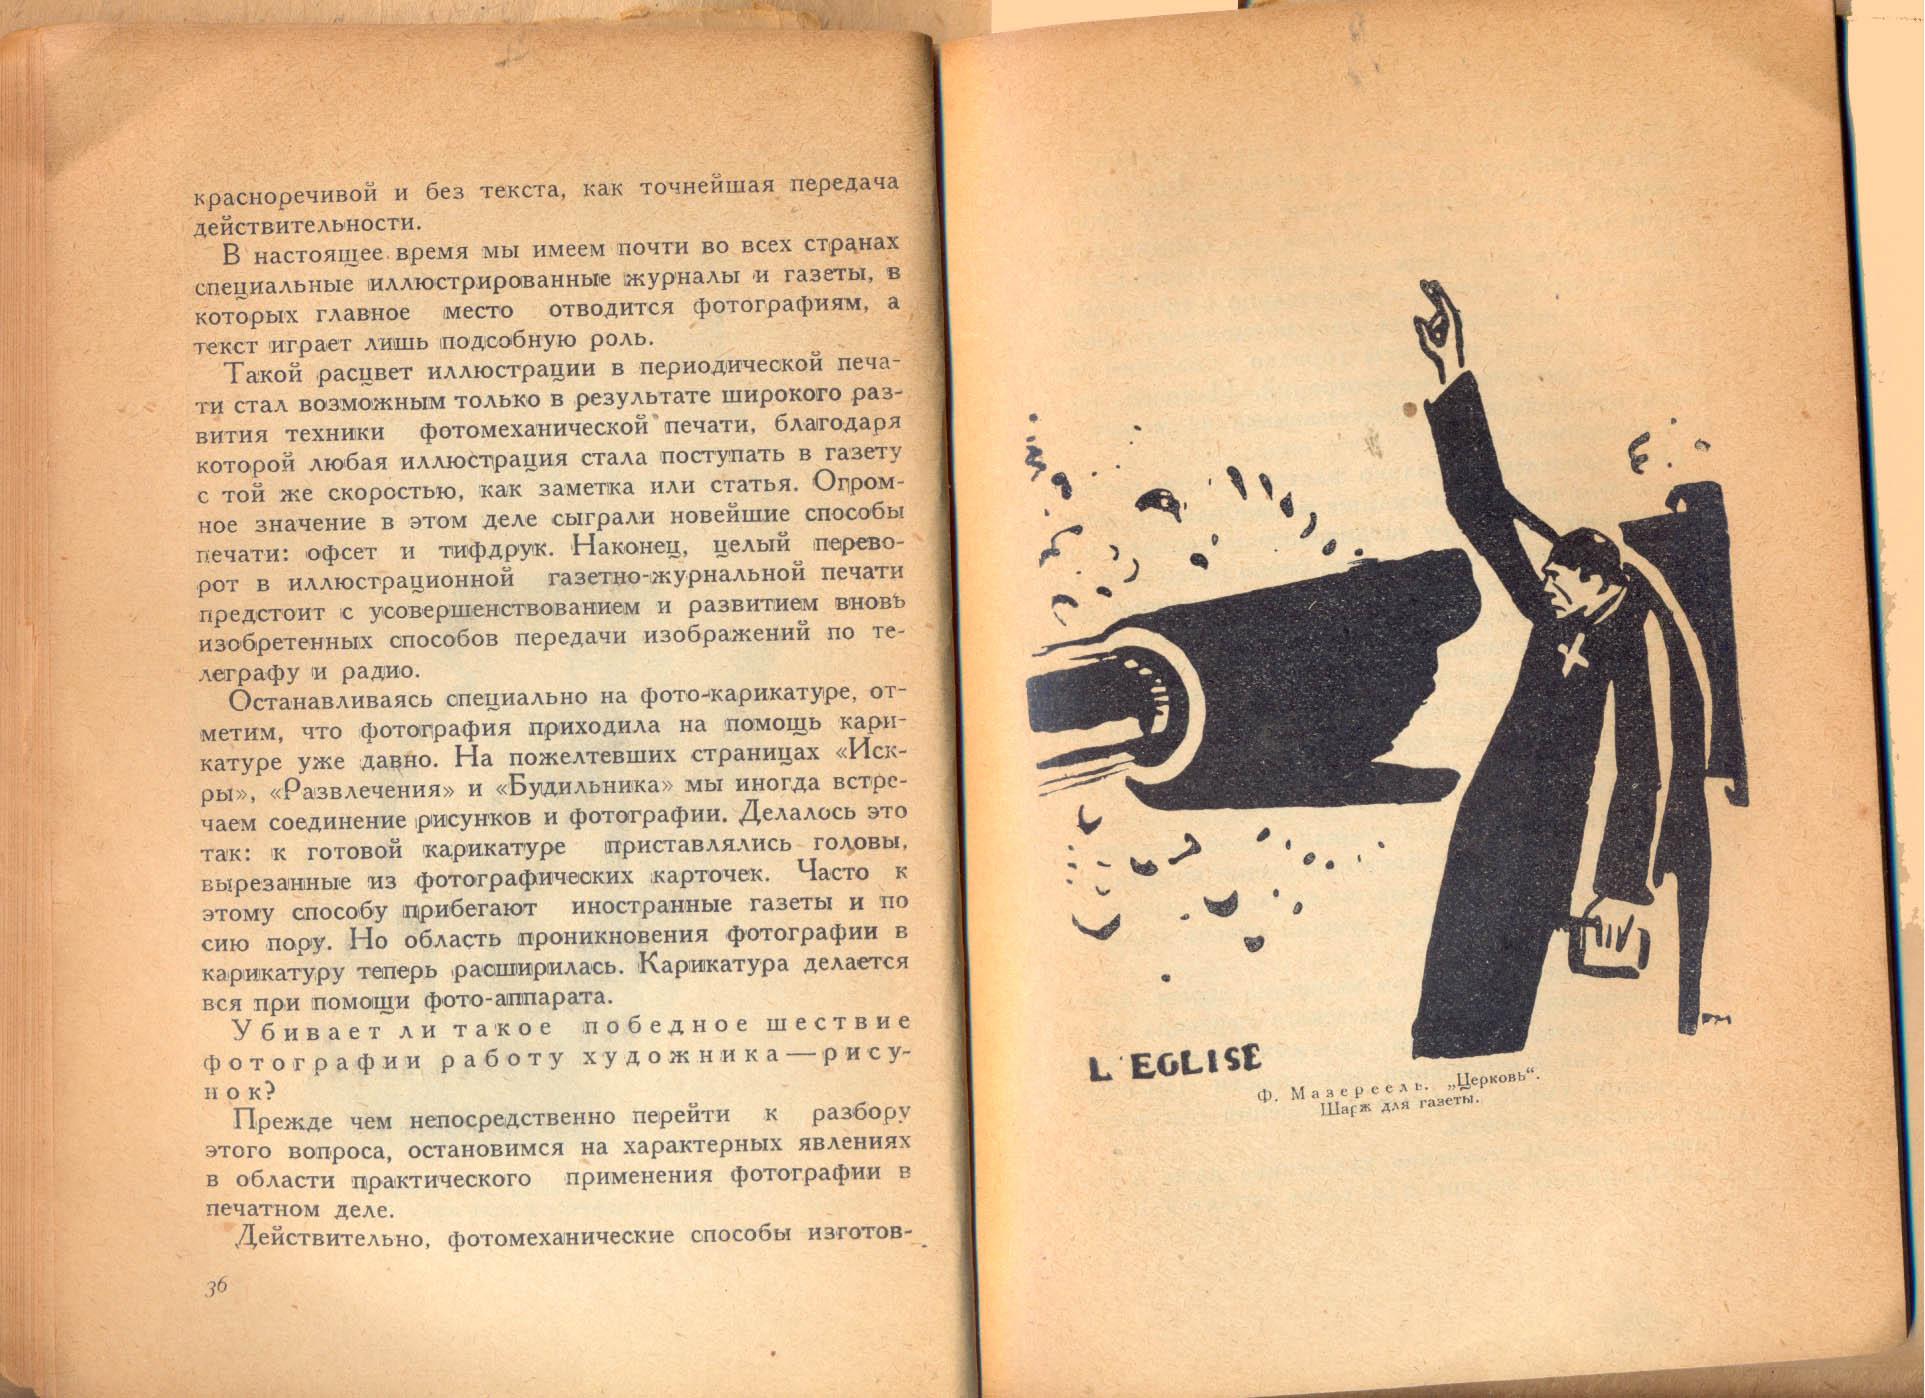 иллюстрация в книге 36.jpg